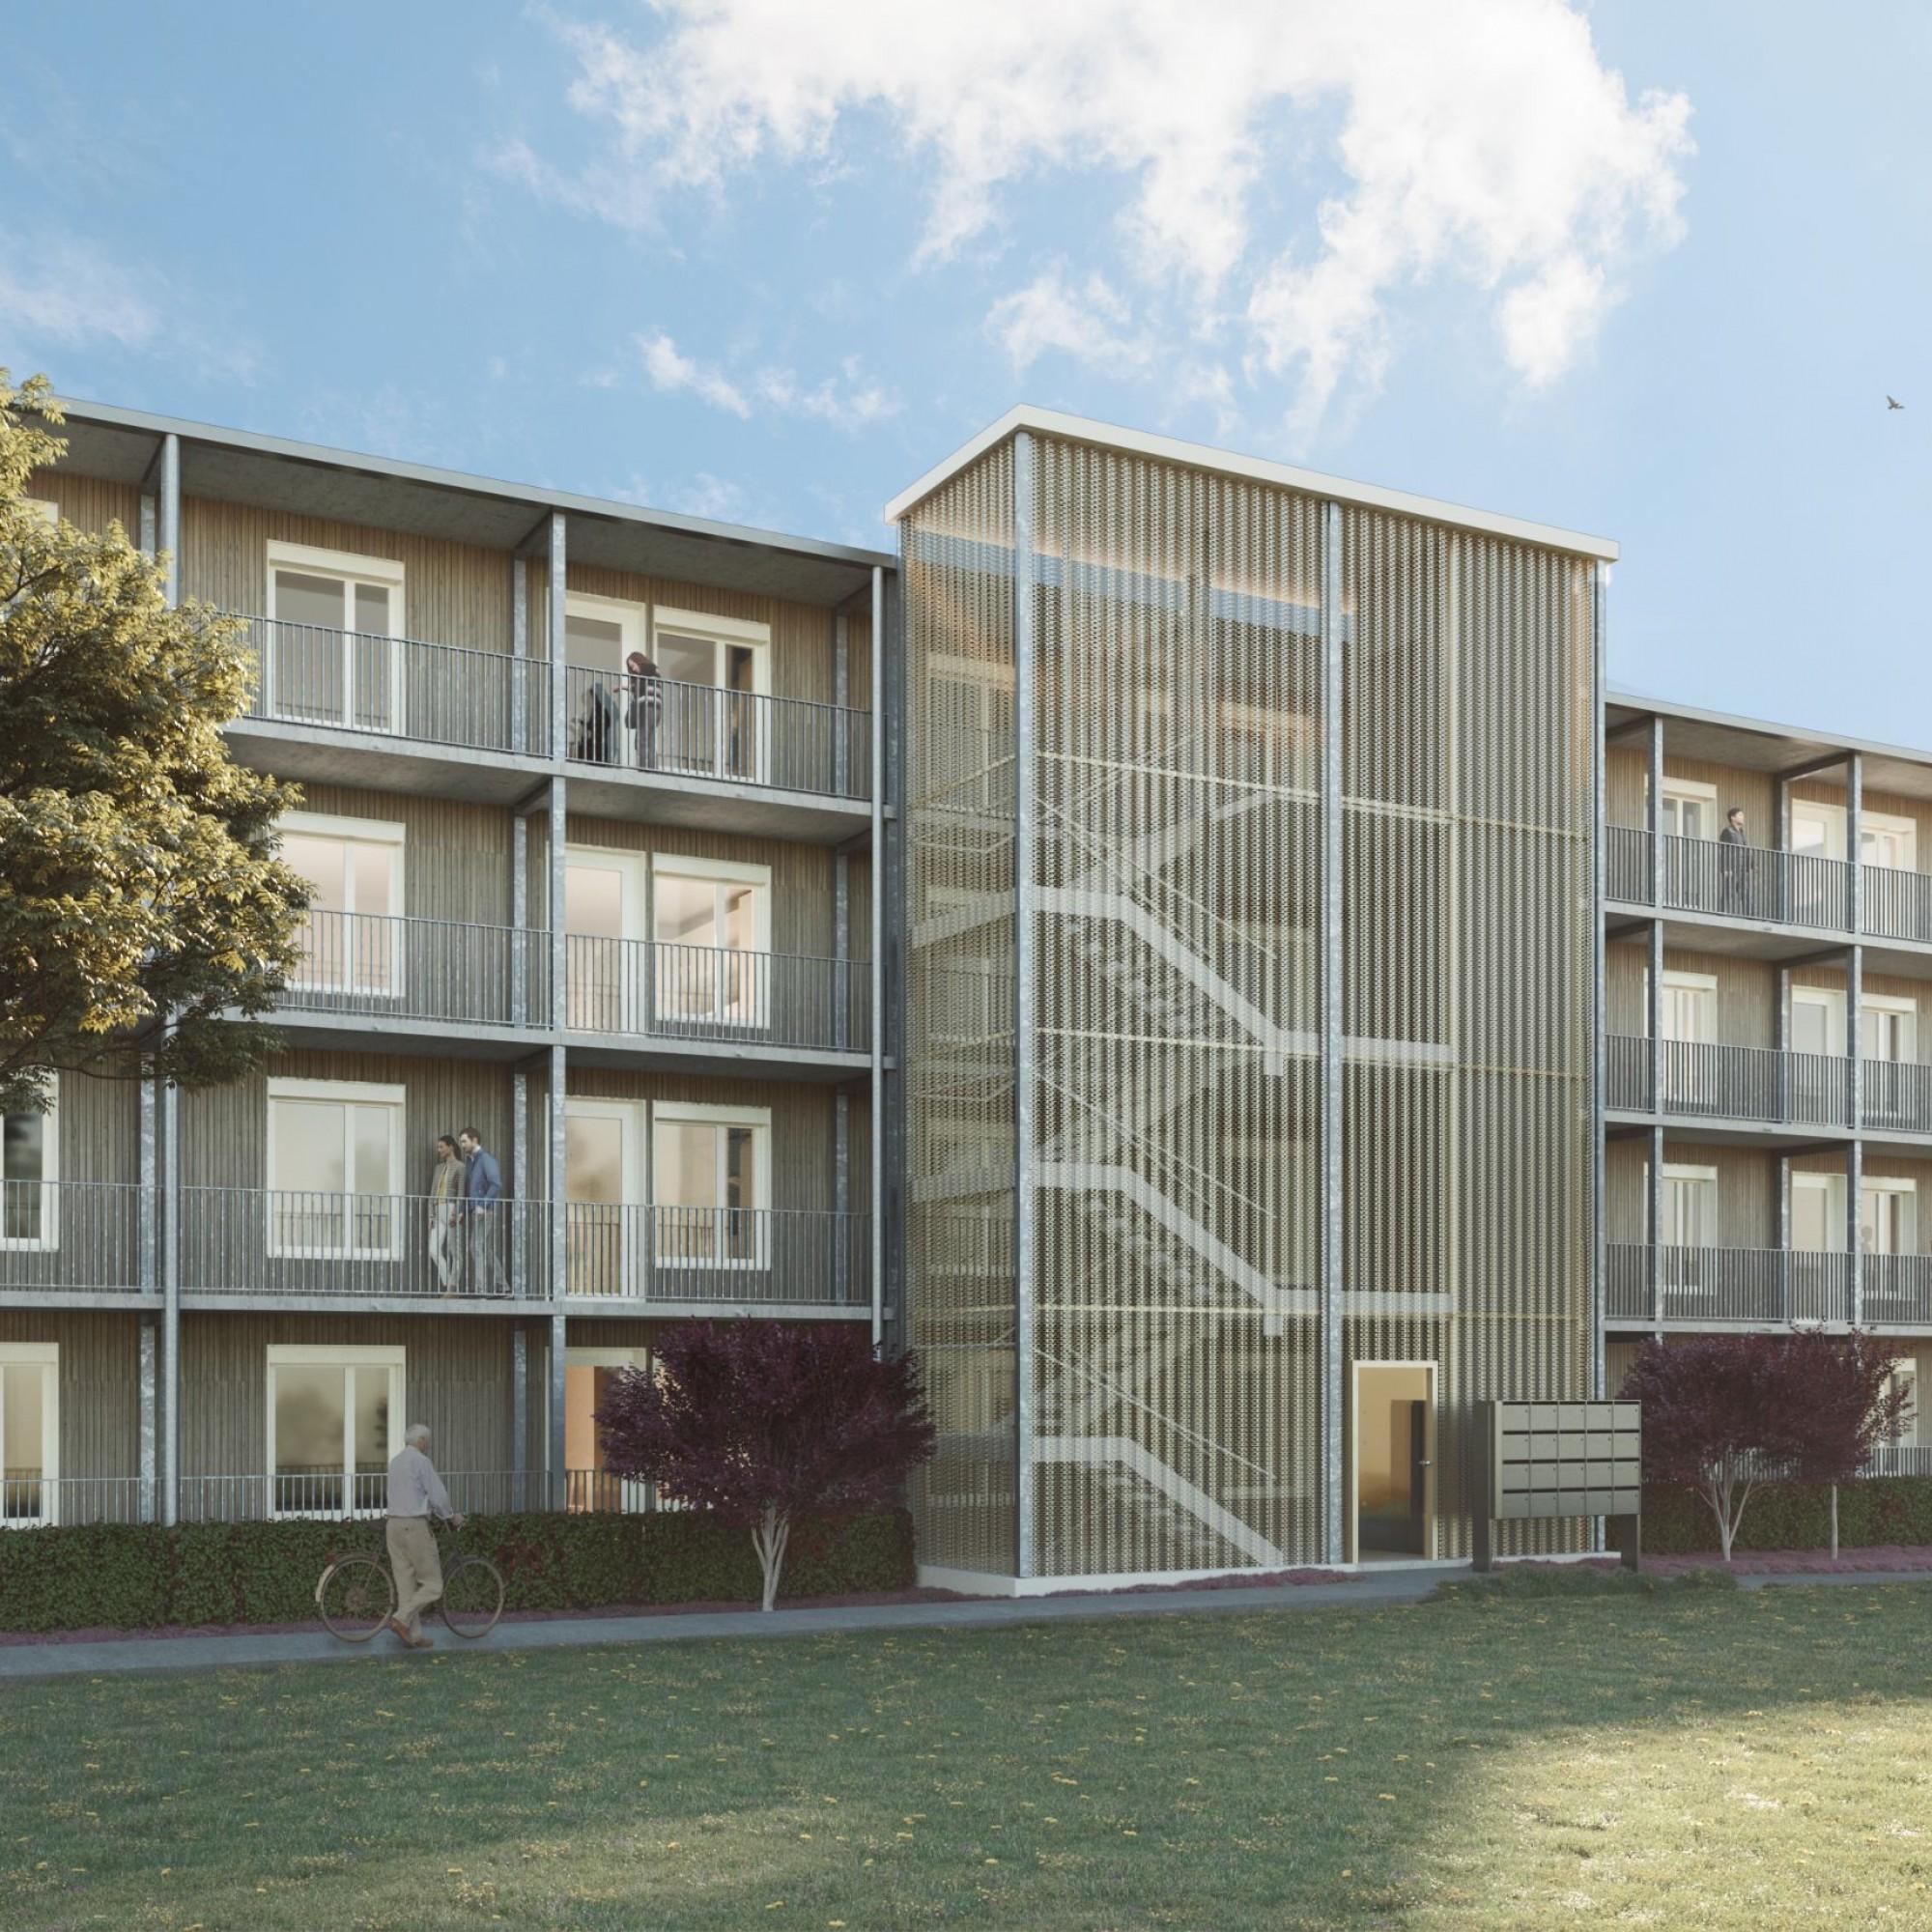 Visualisierung des Mehrfamilienhauses in Lenzburg, das später 20 Wohnungen bieten soll.